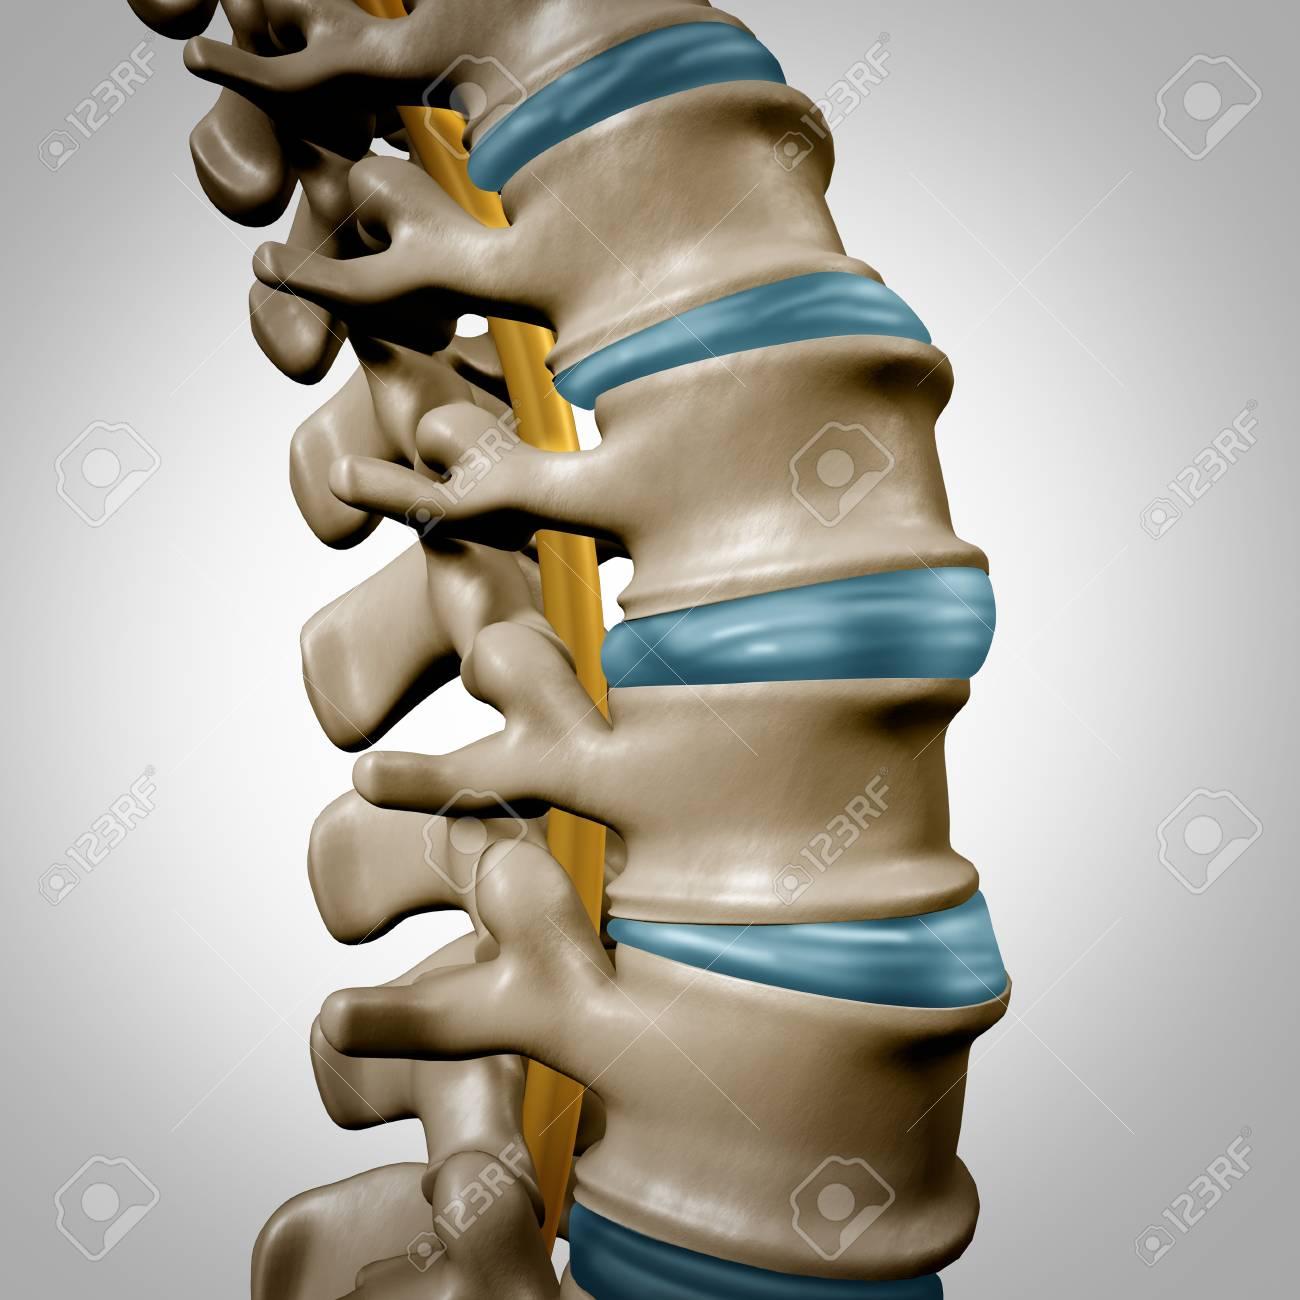 Sección De La Anatomía De La Espina Dorsal Humana Y Concepto Espinal ...